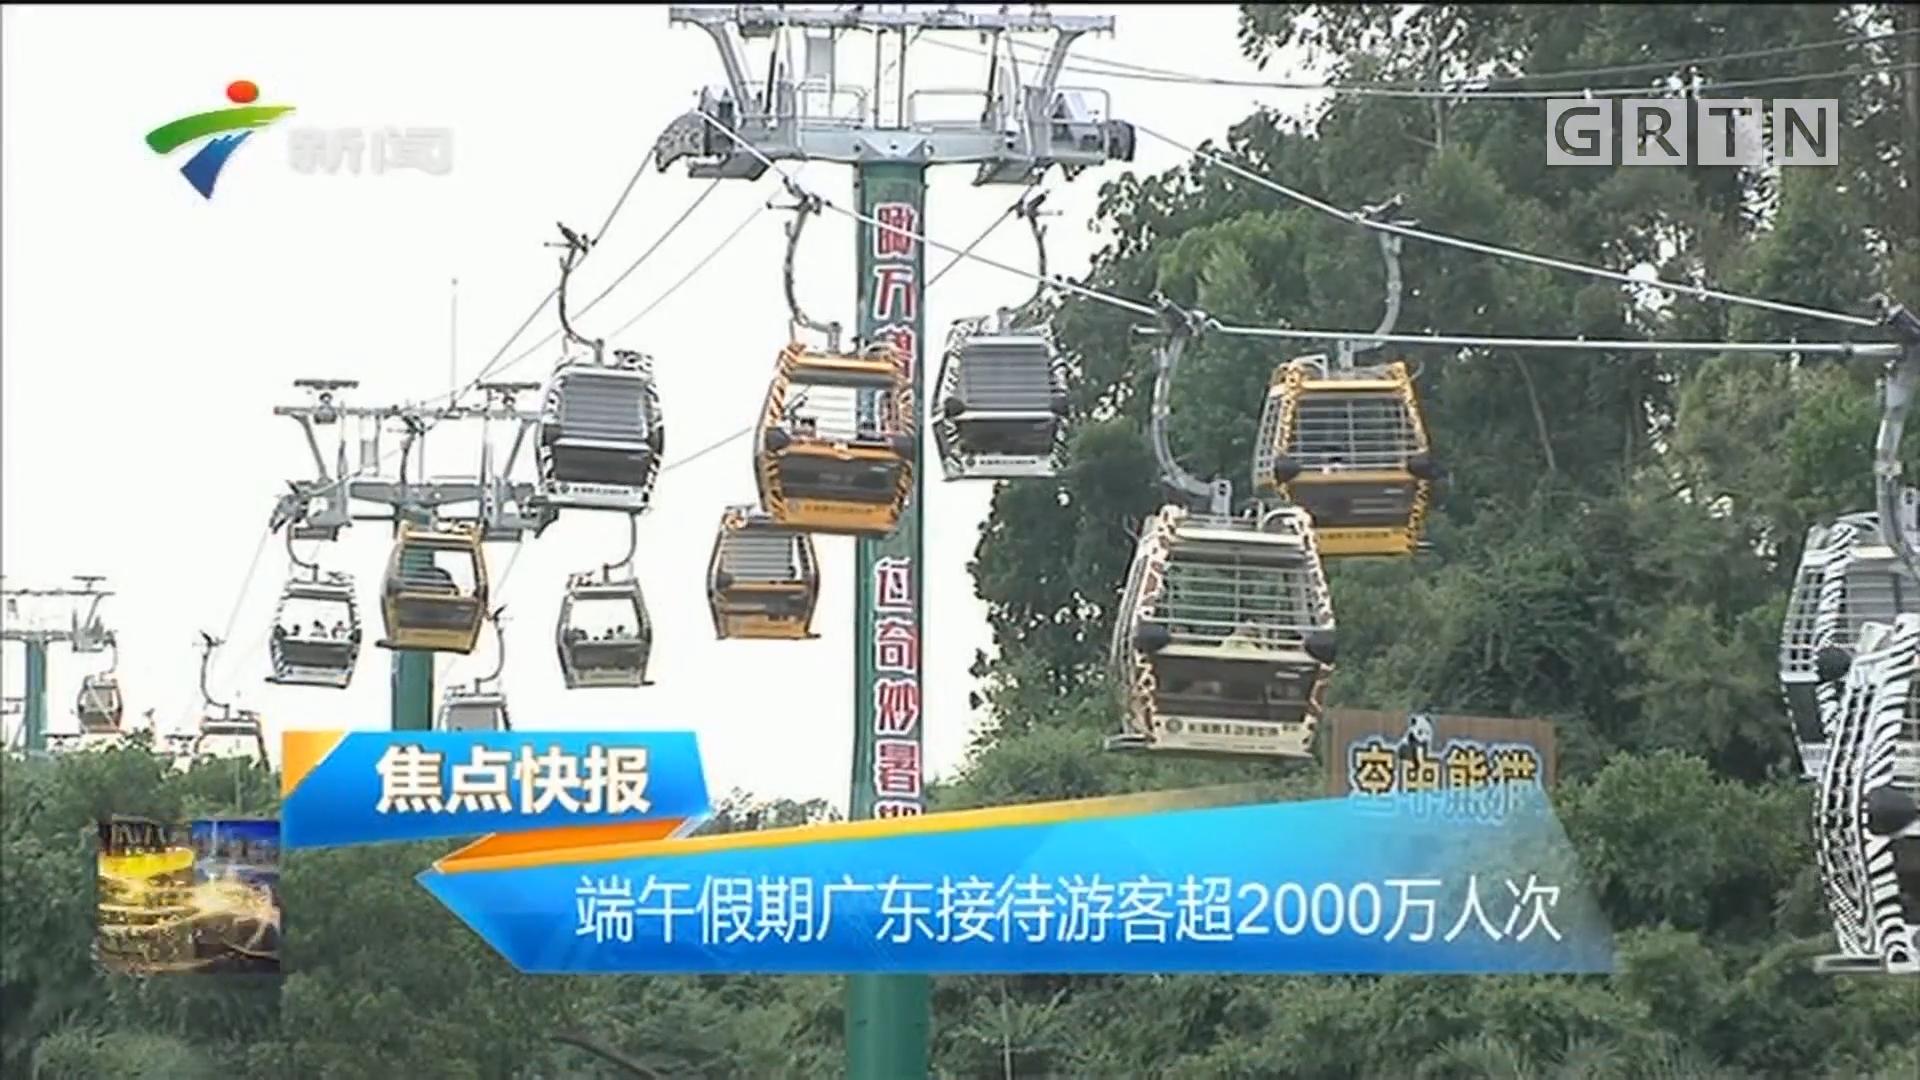 端午假期广东接待游客超2000万人次